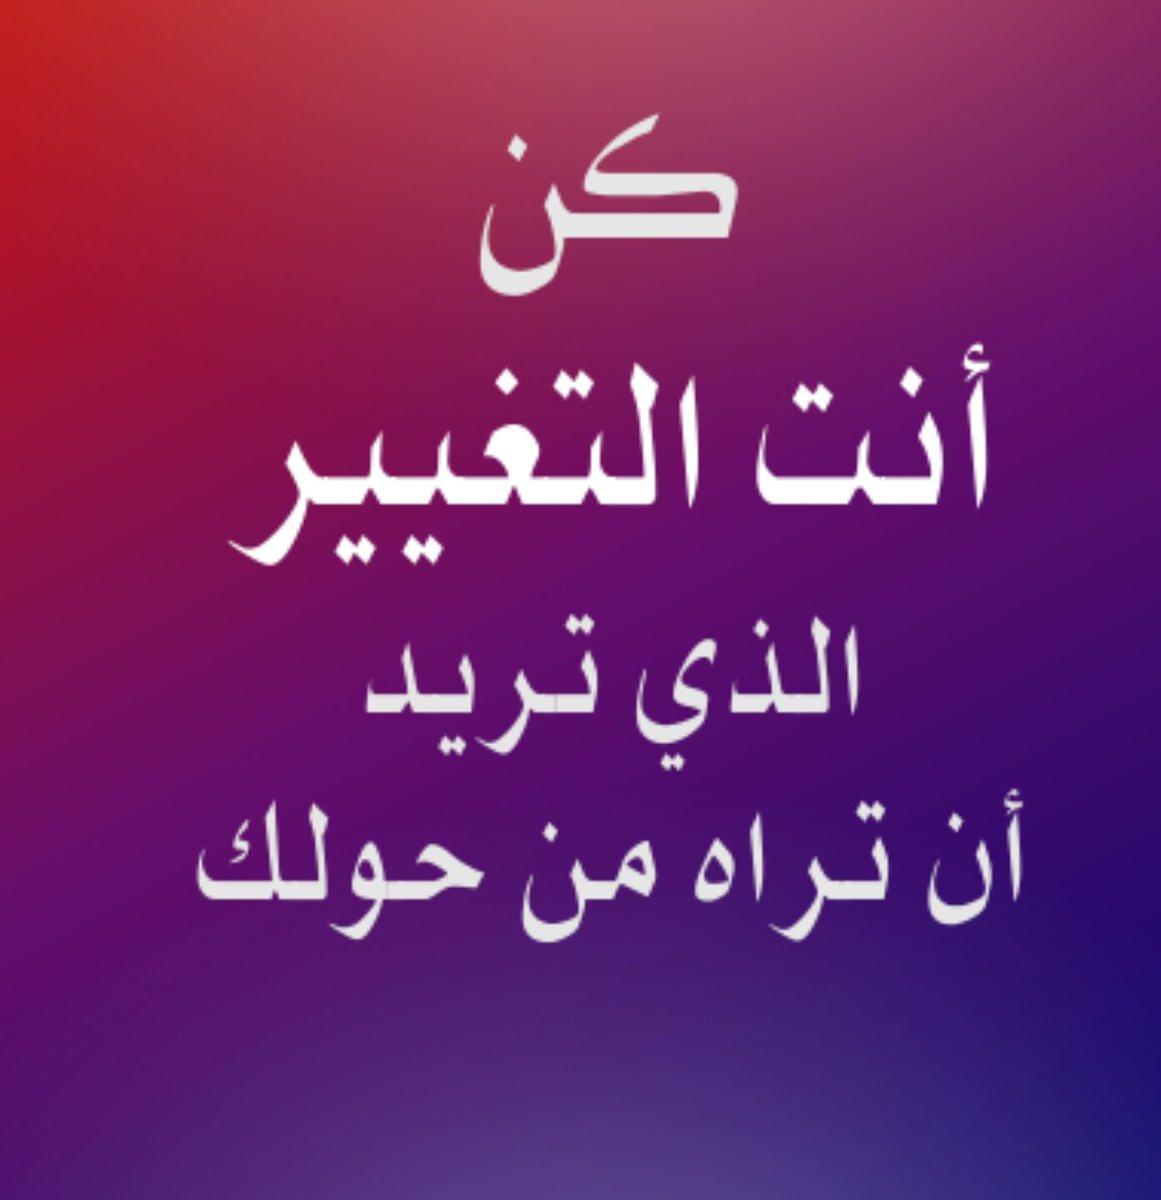 بالصور ابيات شعر قصيره حكم , اشعار قصيره للحكم والموعظة 3903 6